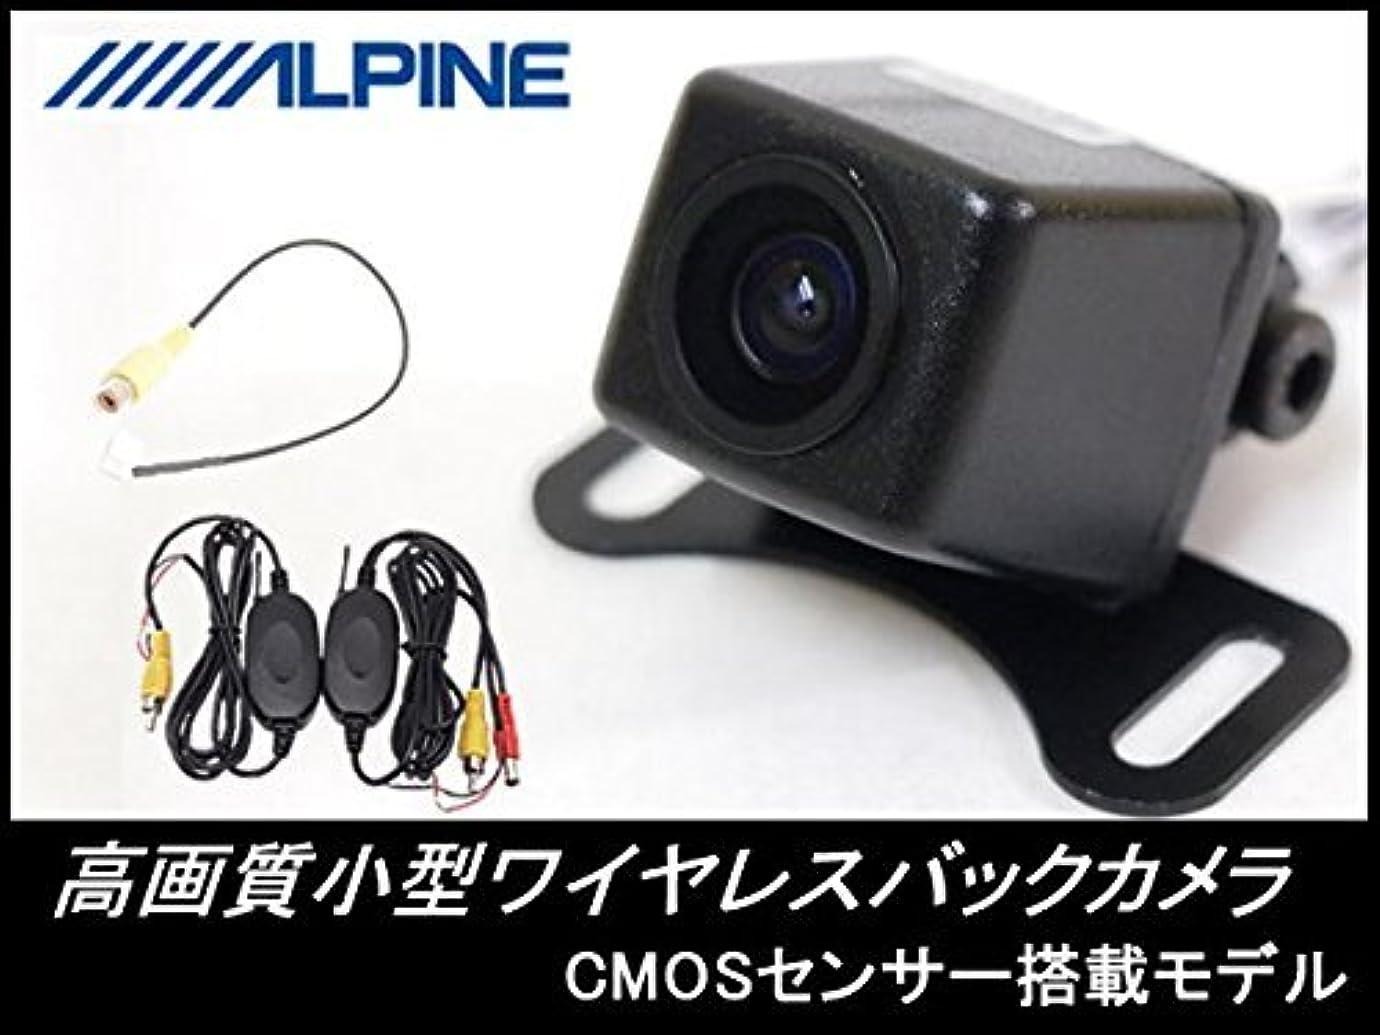 経済的トラブルモトリーハイエース 専用設計ナビ VIE-X008-HIW 対応 高画質 バックカメラ 車載用バックカメラ 広角170° 超高精細 CMOS センサー/ガイドライン無し 【ワイヤレスキット付】